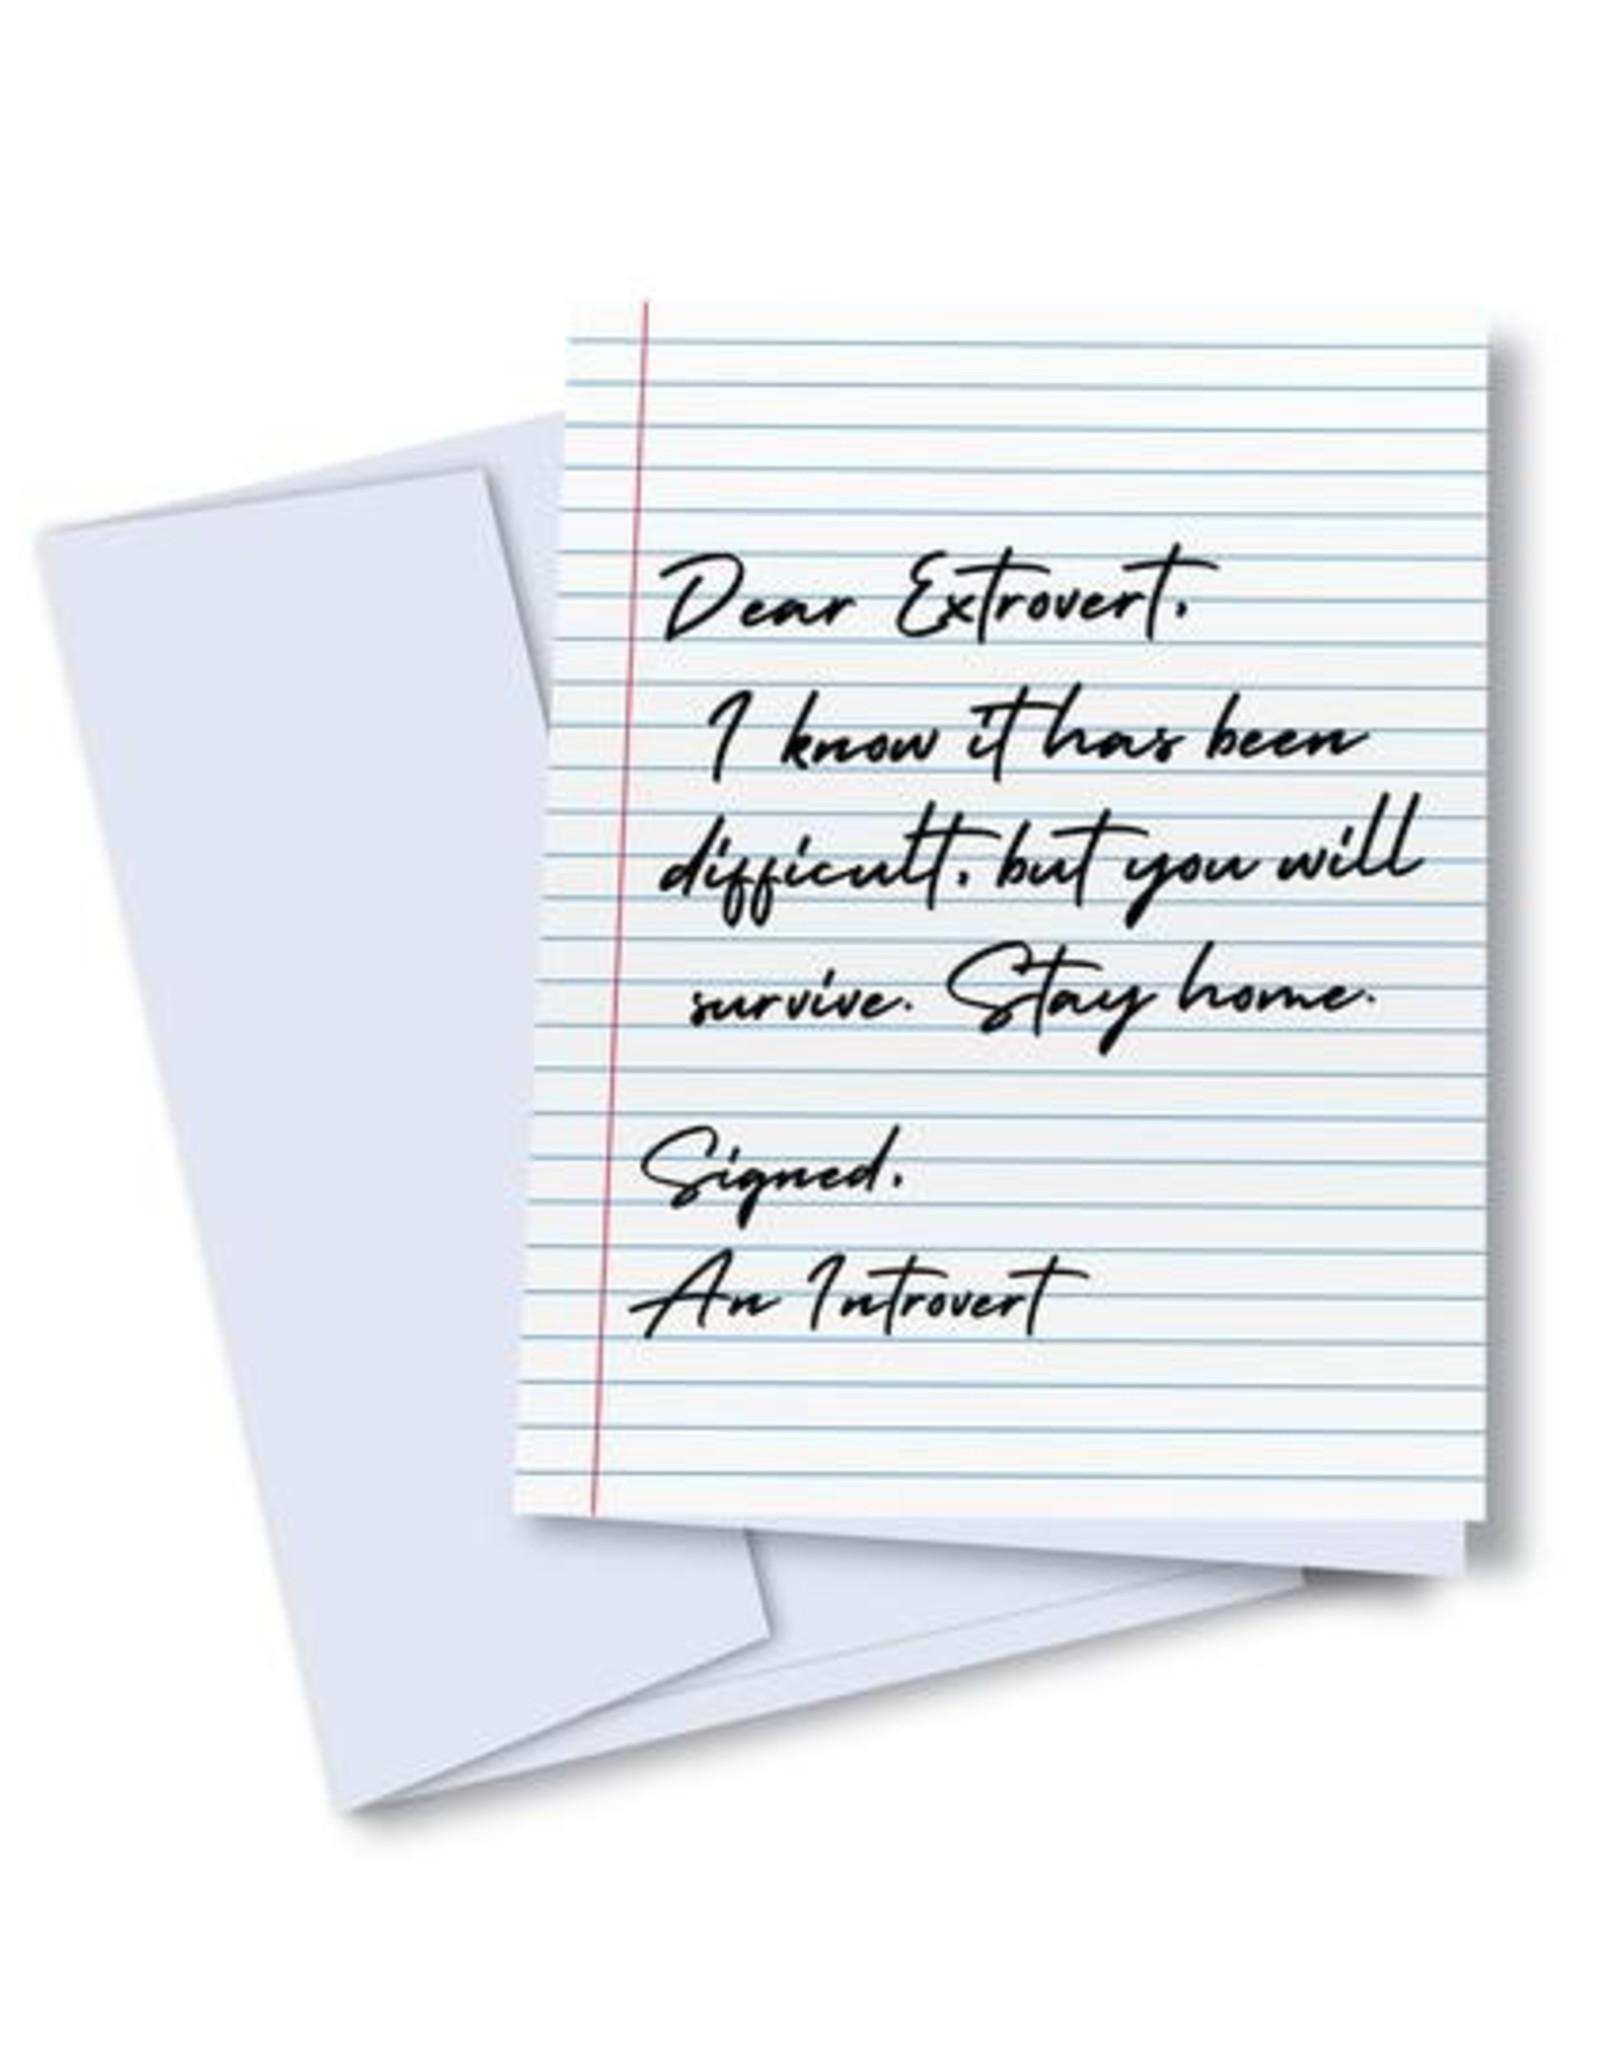 kaleidodope Card - Blank : Dear Extrovert